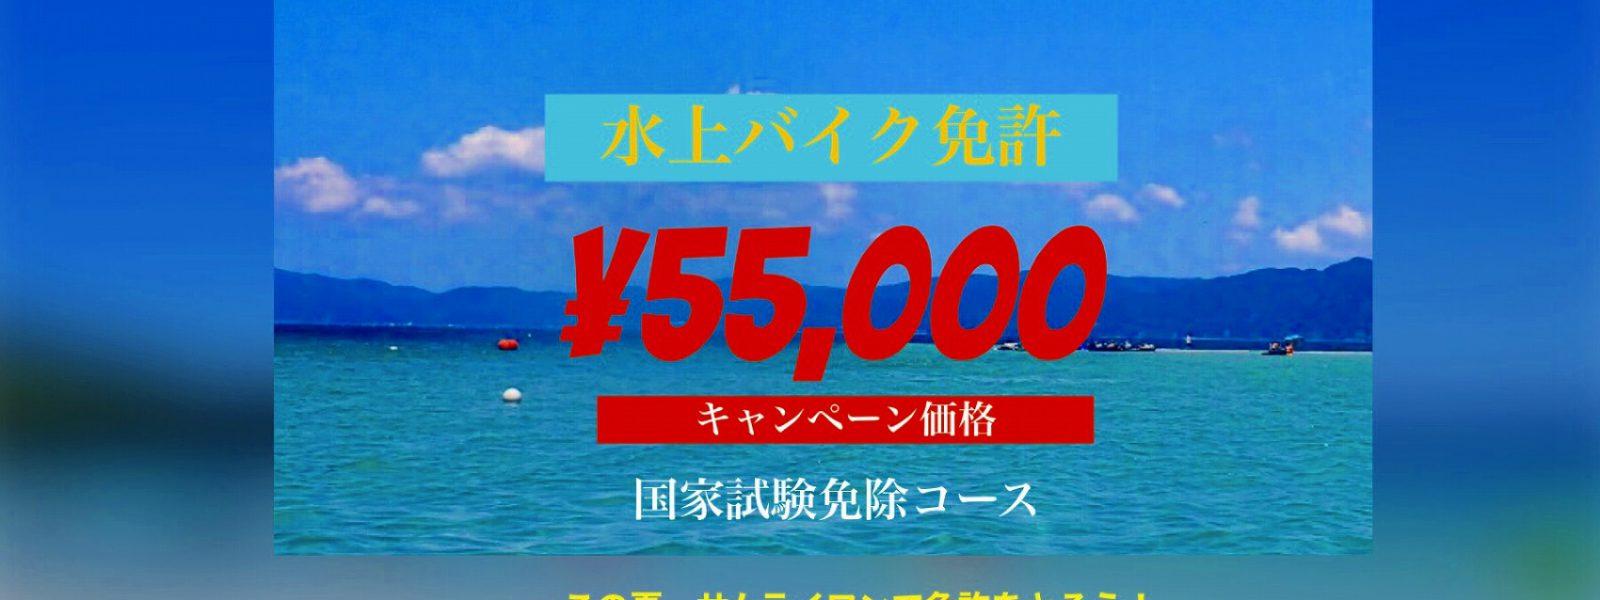 水上バイク免許取得 なんと55000円!? ドライスーツ無料貸し出しもあります!